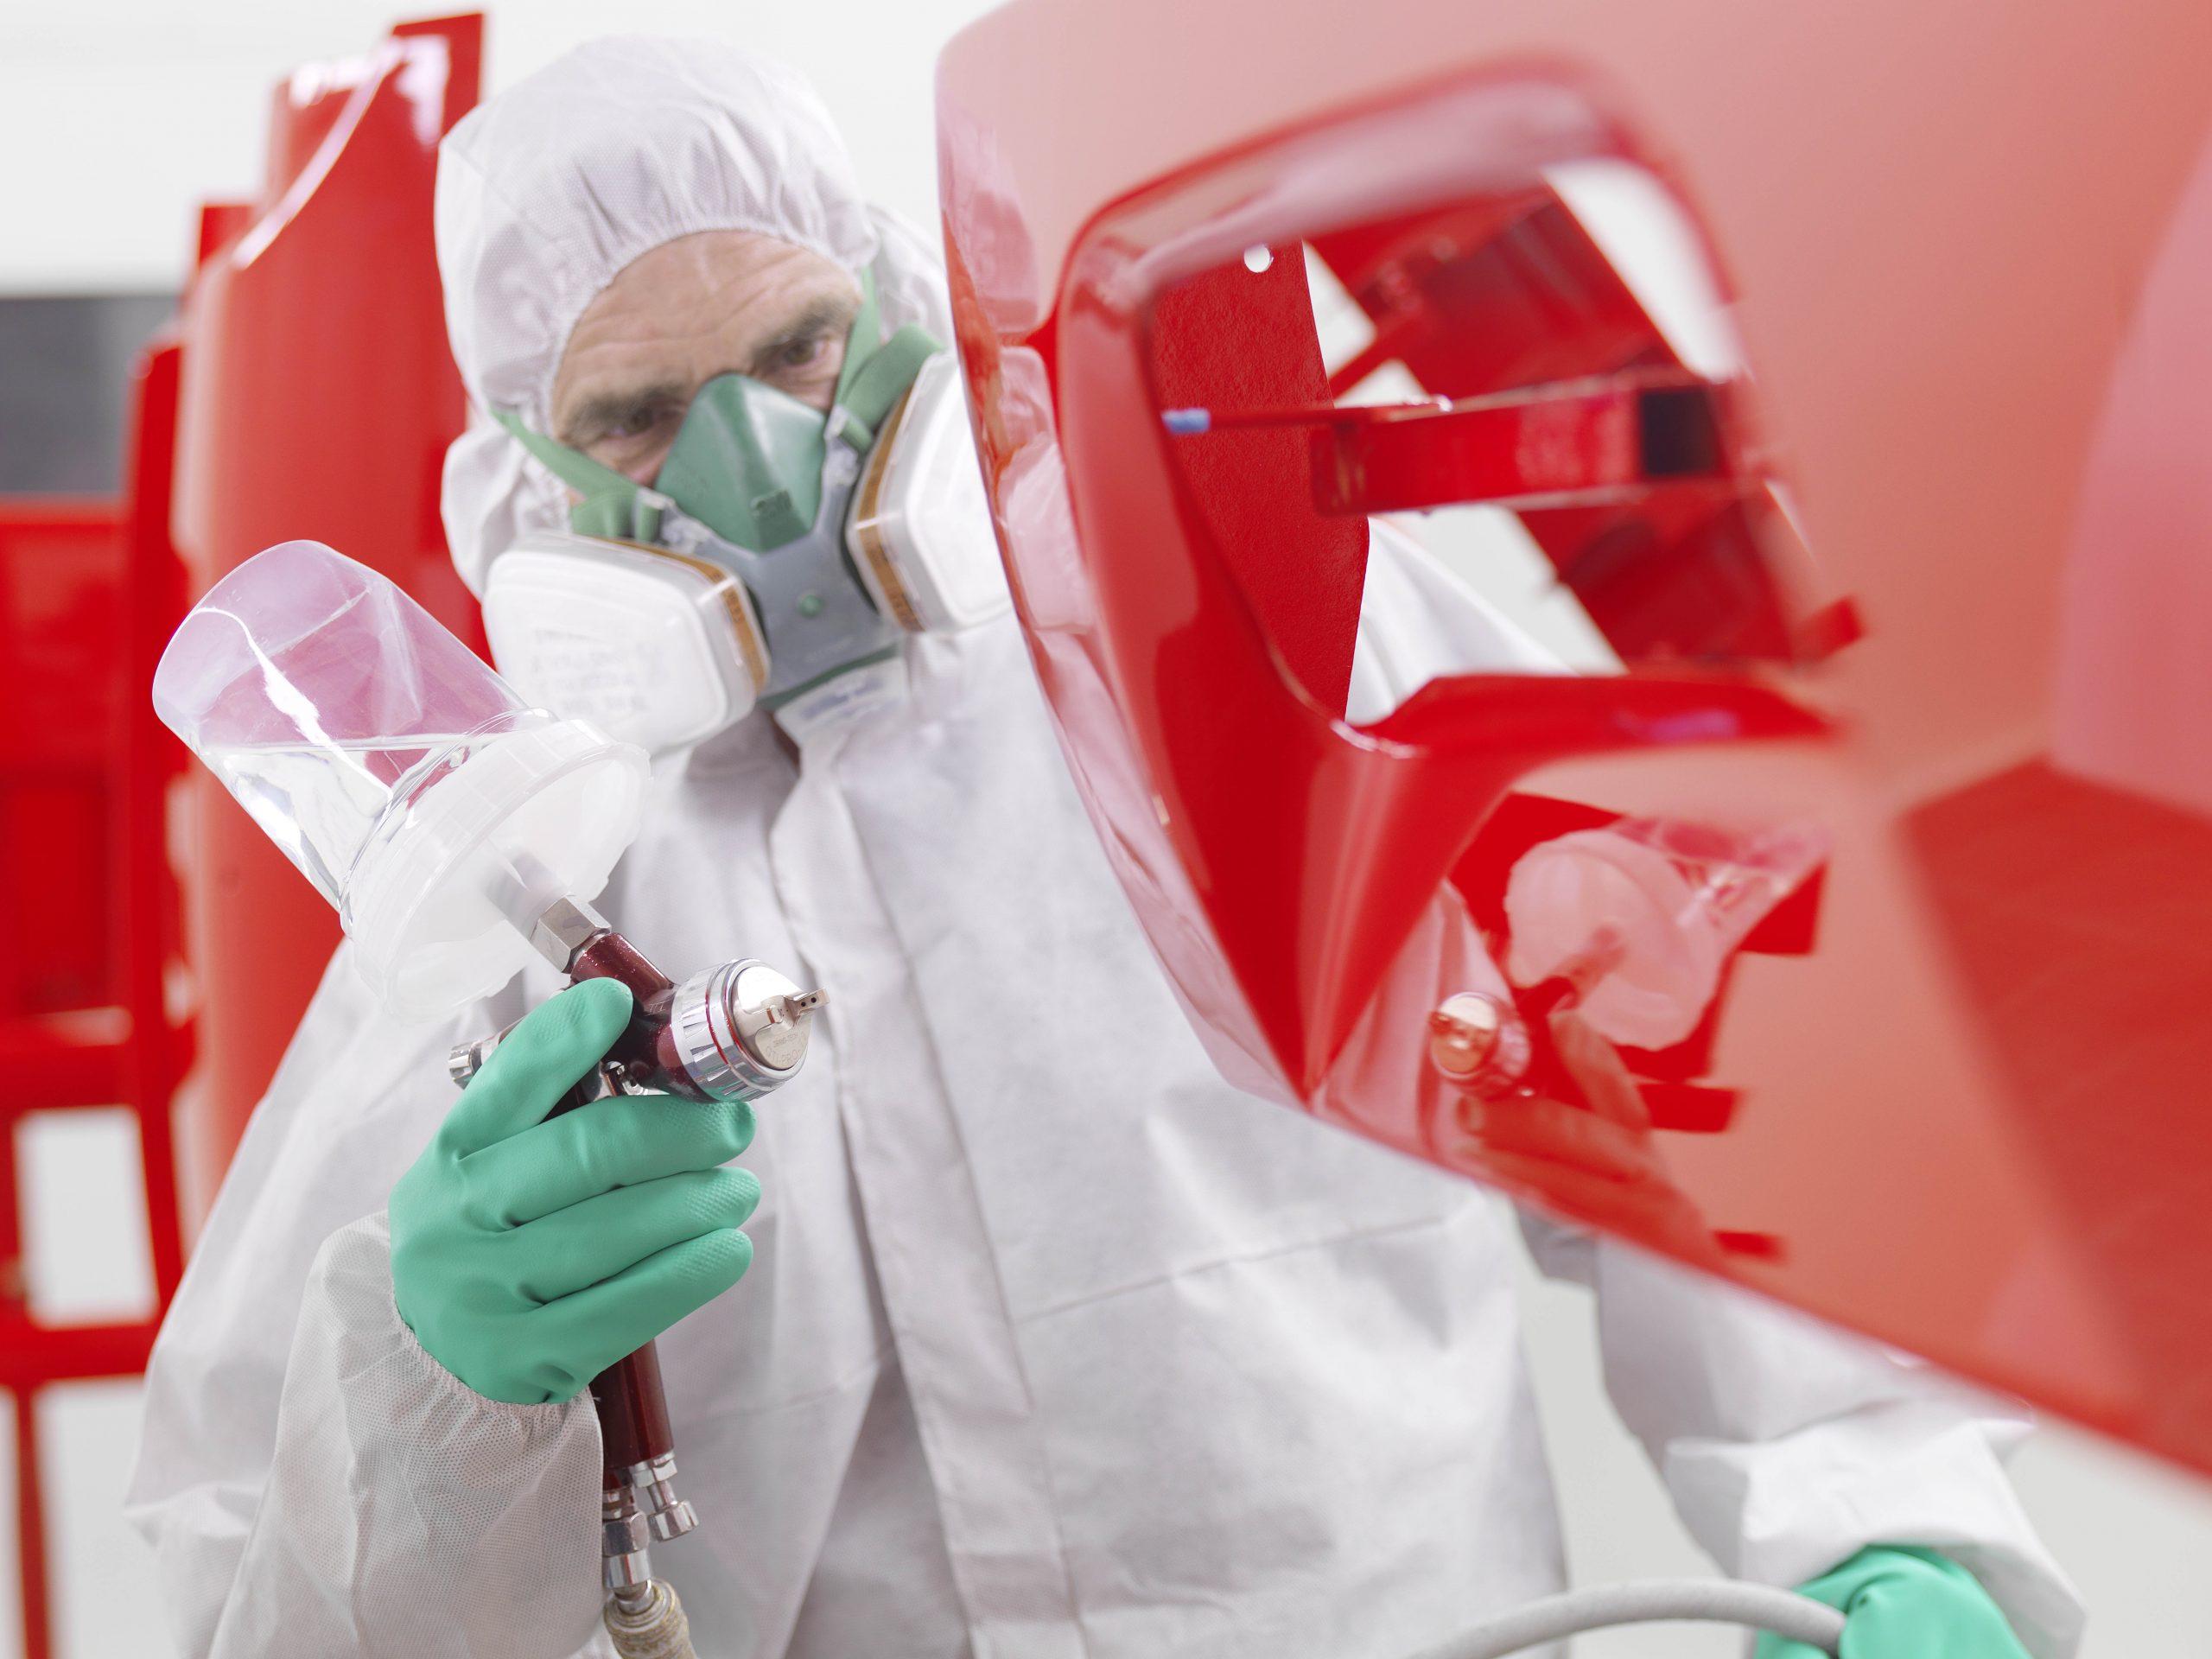 Zu den anspruchsvollen Vorgaben, die KSK erfüllt, zählt die Norm IATF16949, die Forderungen der Automobilindustrie an Qualitätsmanagementsysteme vereint. (Bild: KSK Industrielackierungen)